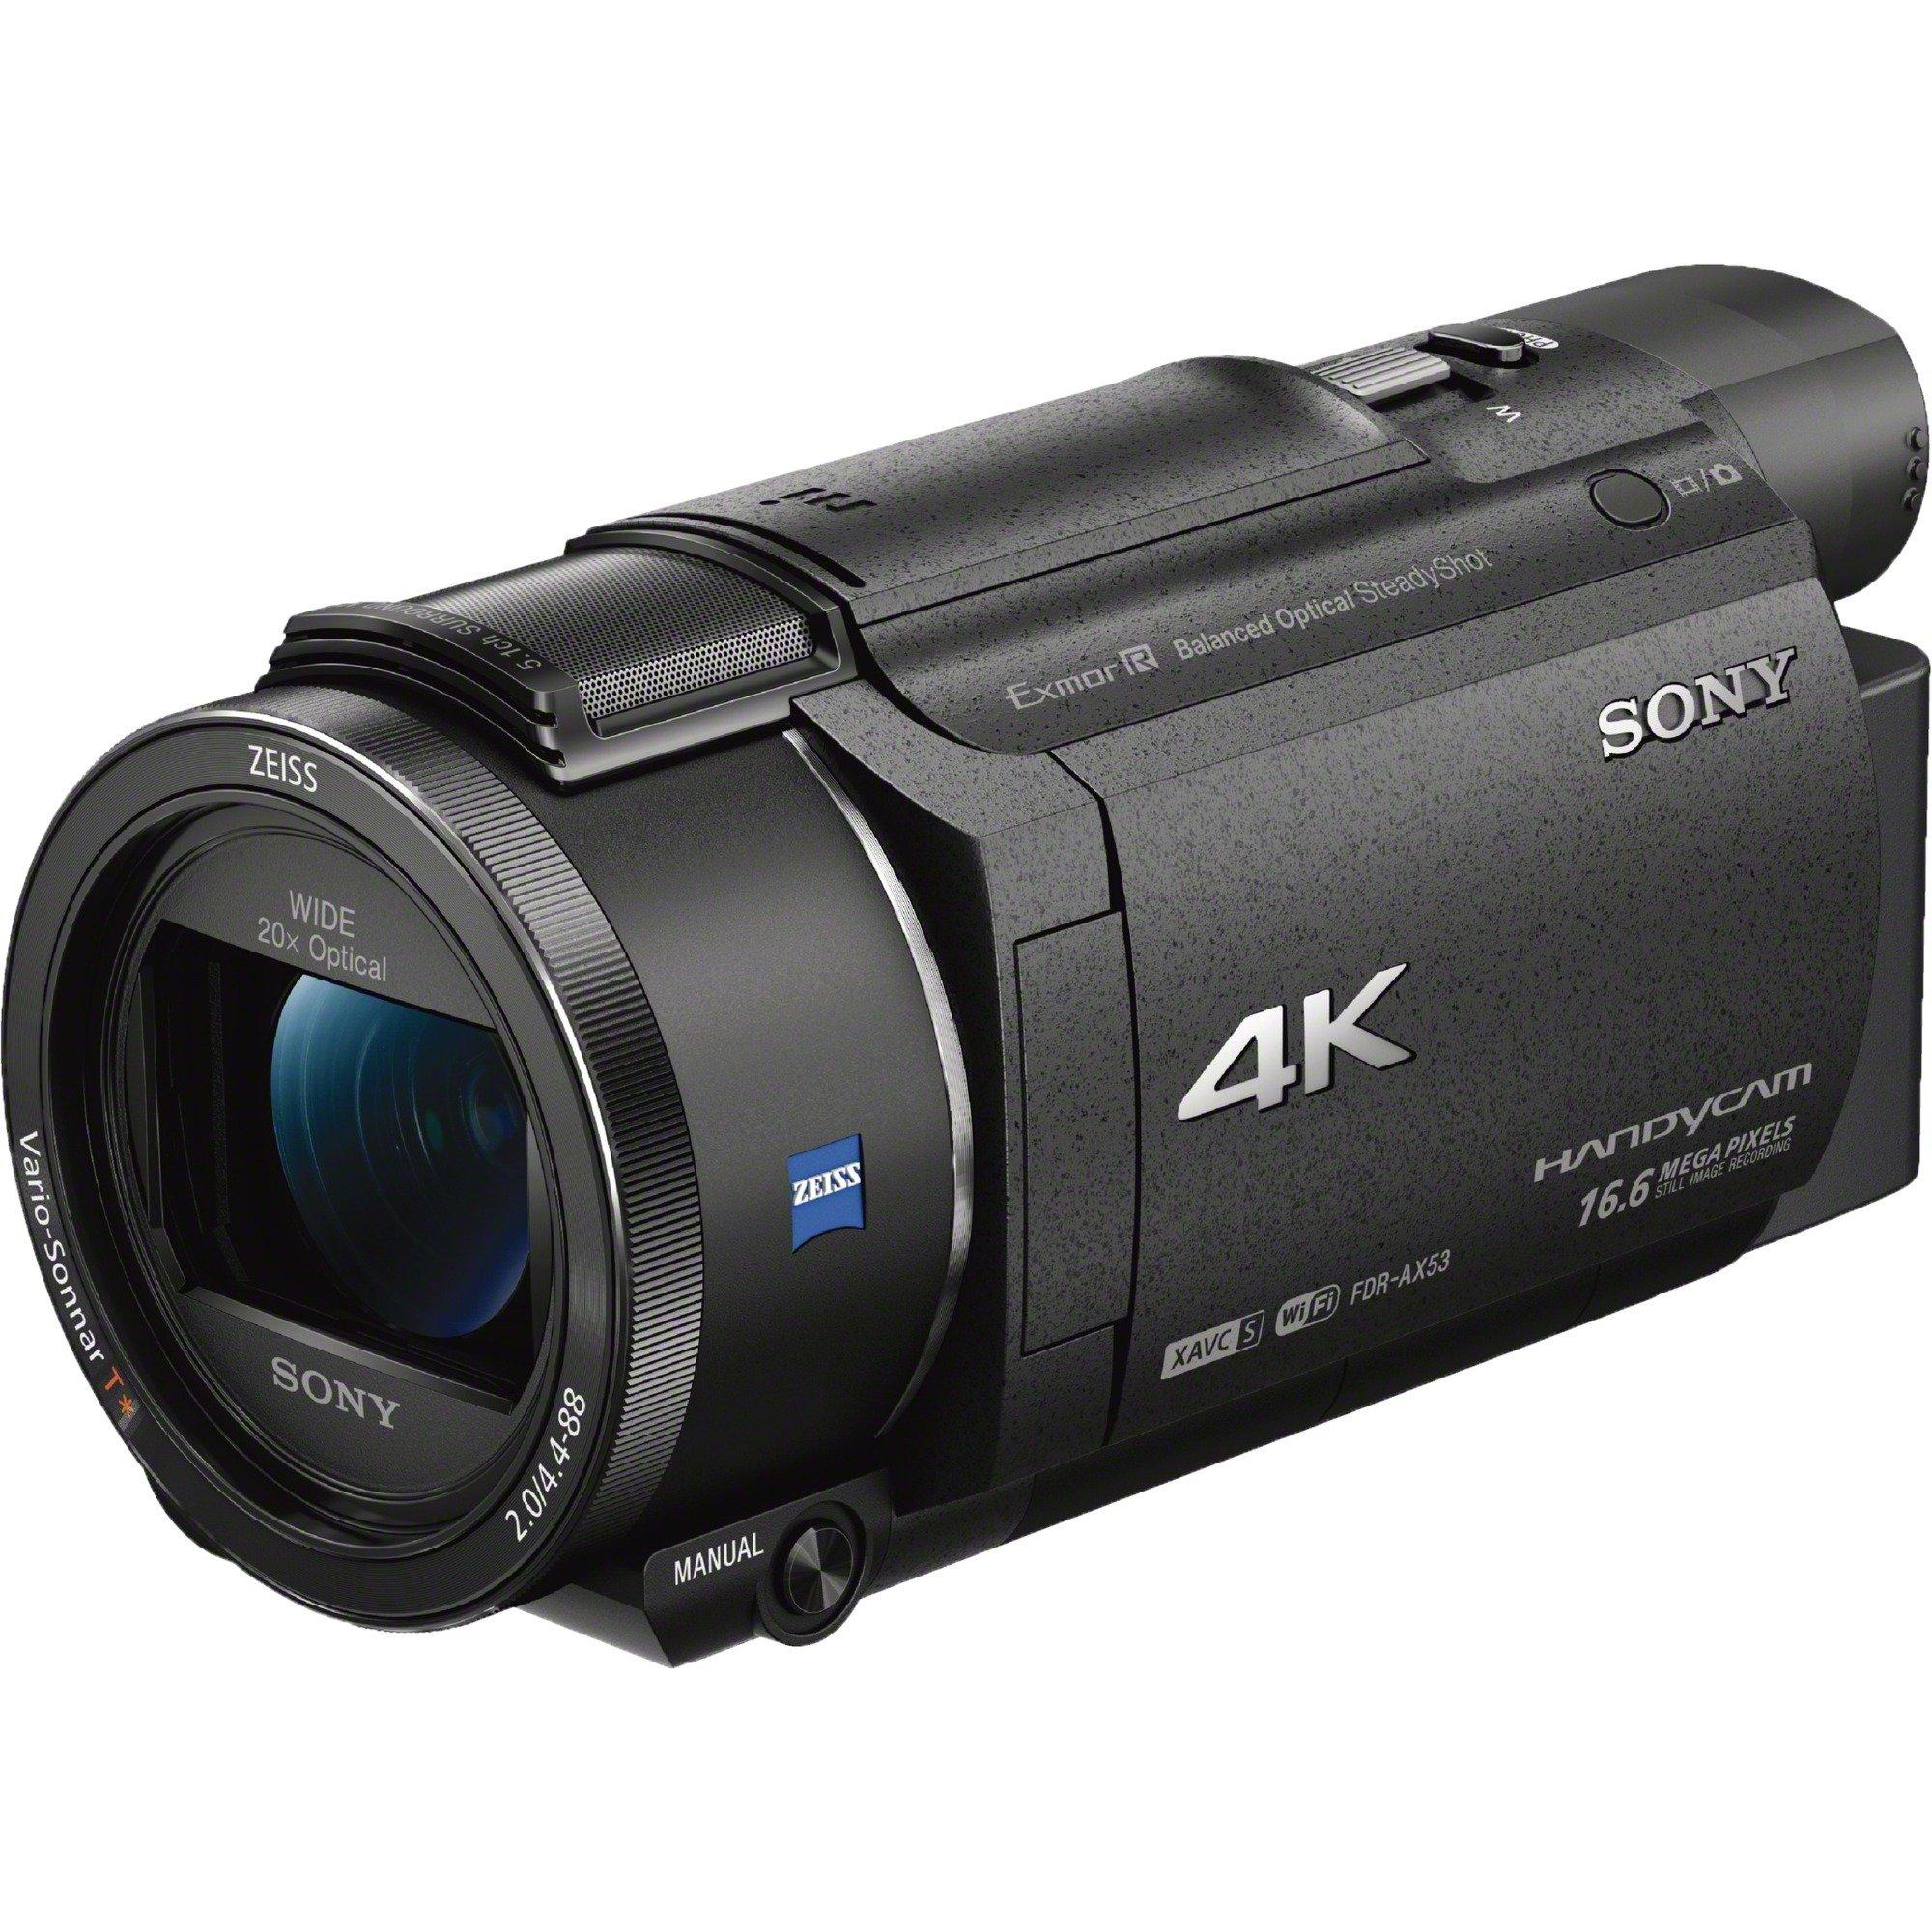 FDR-AX53 Camescopes Classique Zoom Optique 20 x 8.57 Mpix, Caméra vidéo